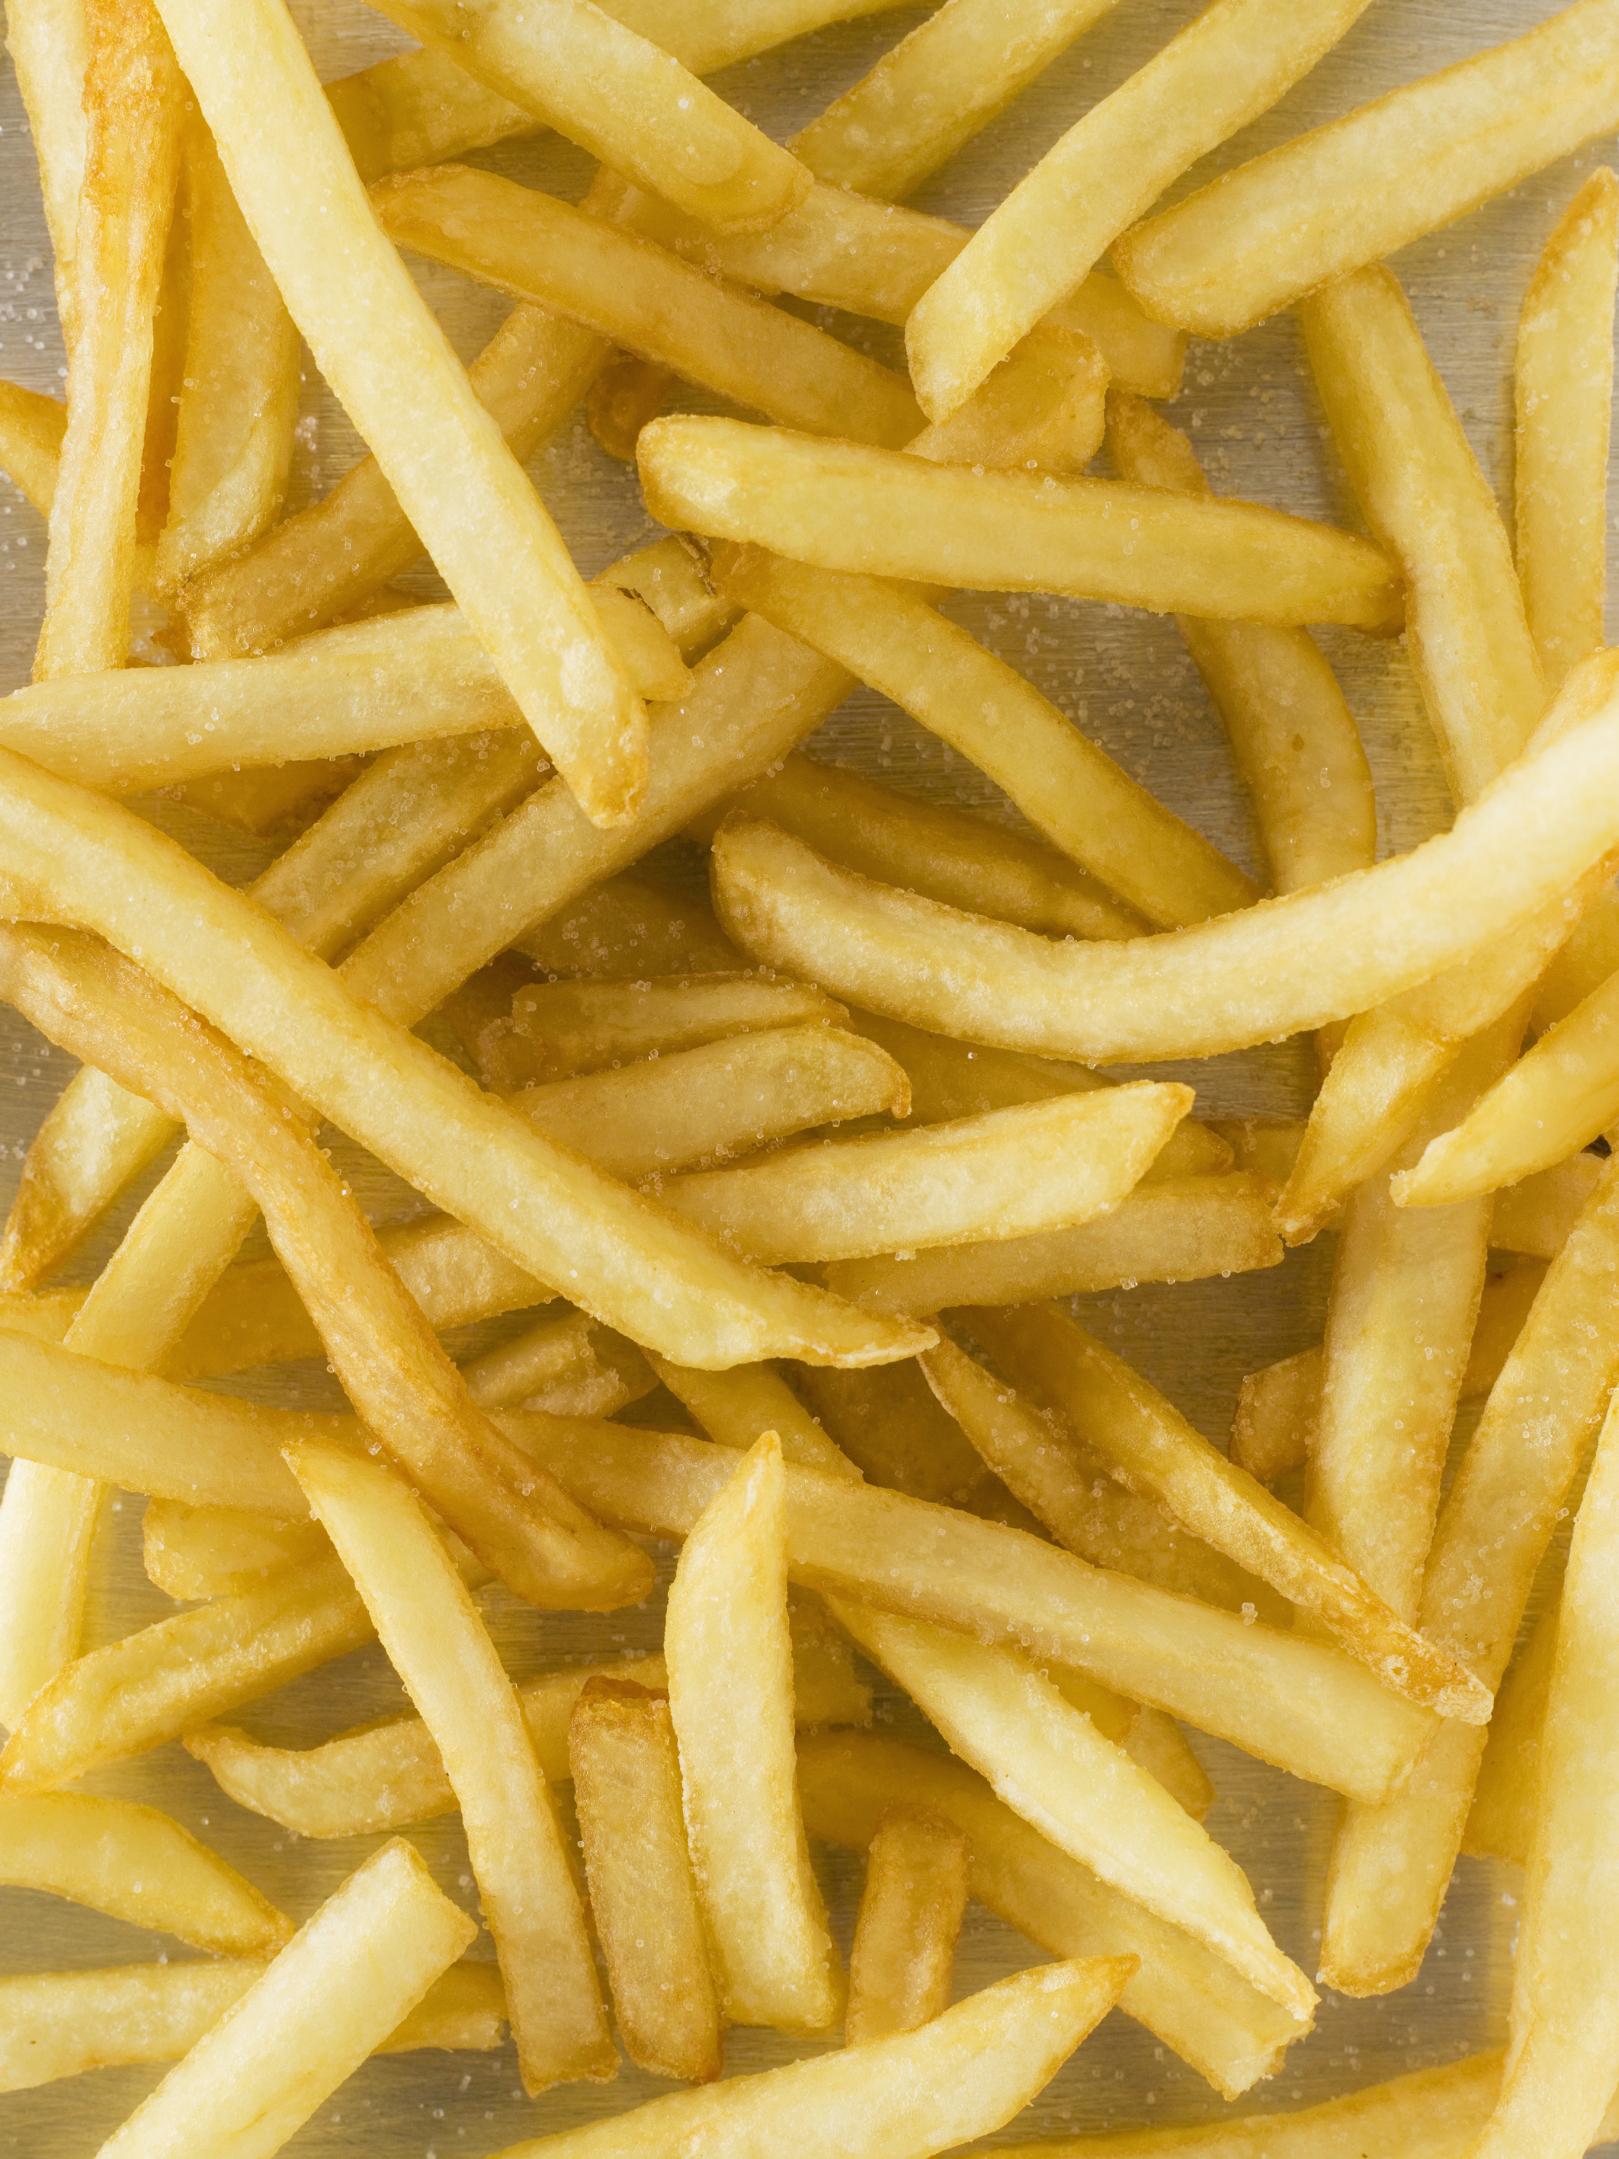 Como calentar papas fritas en el microondas